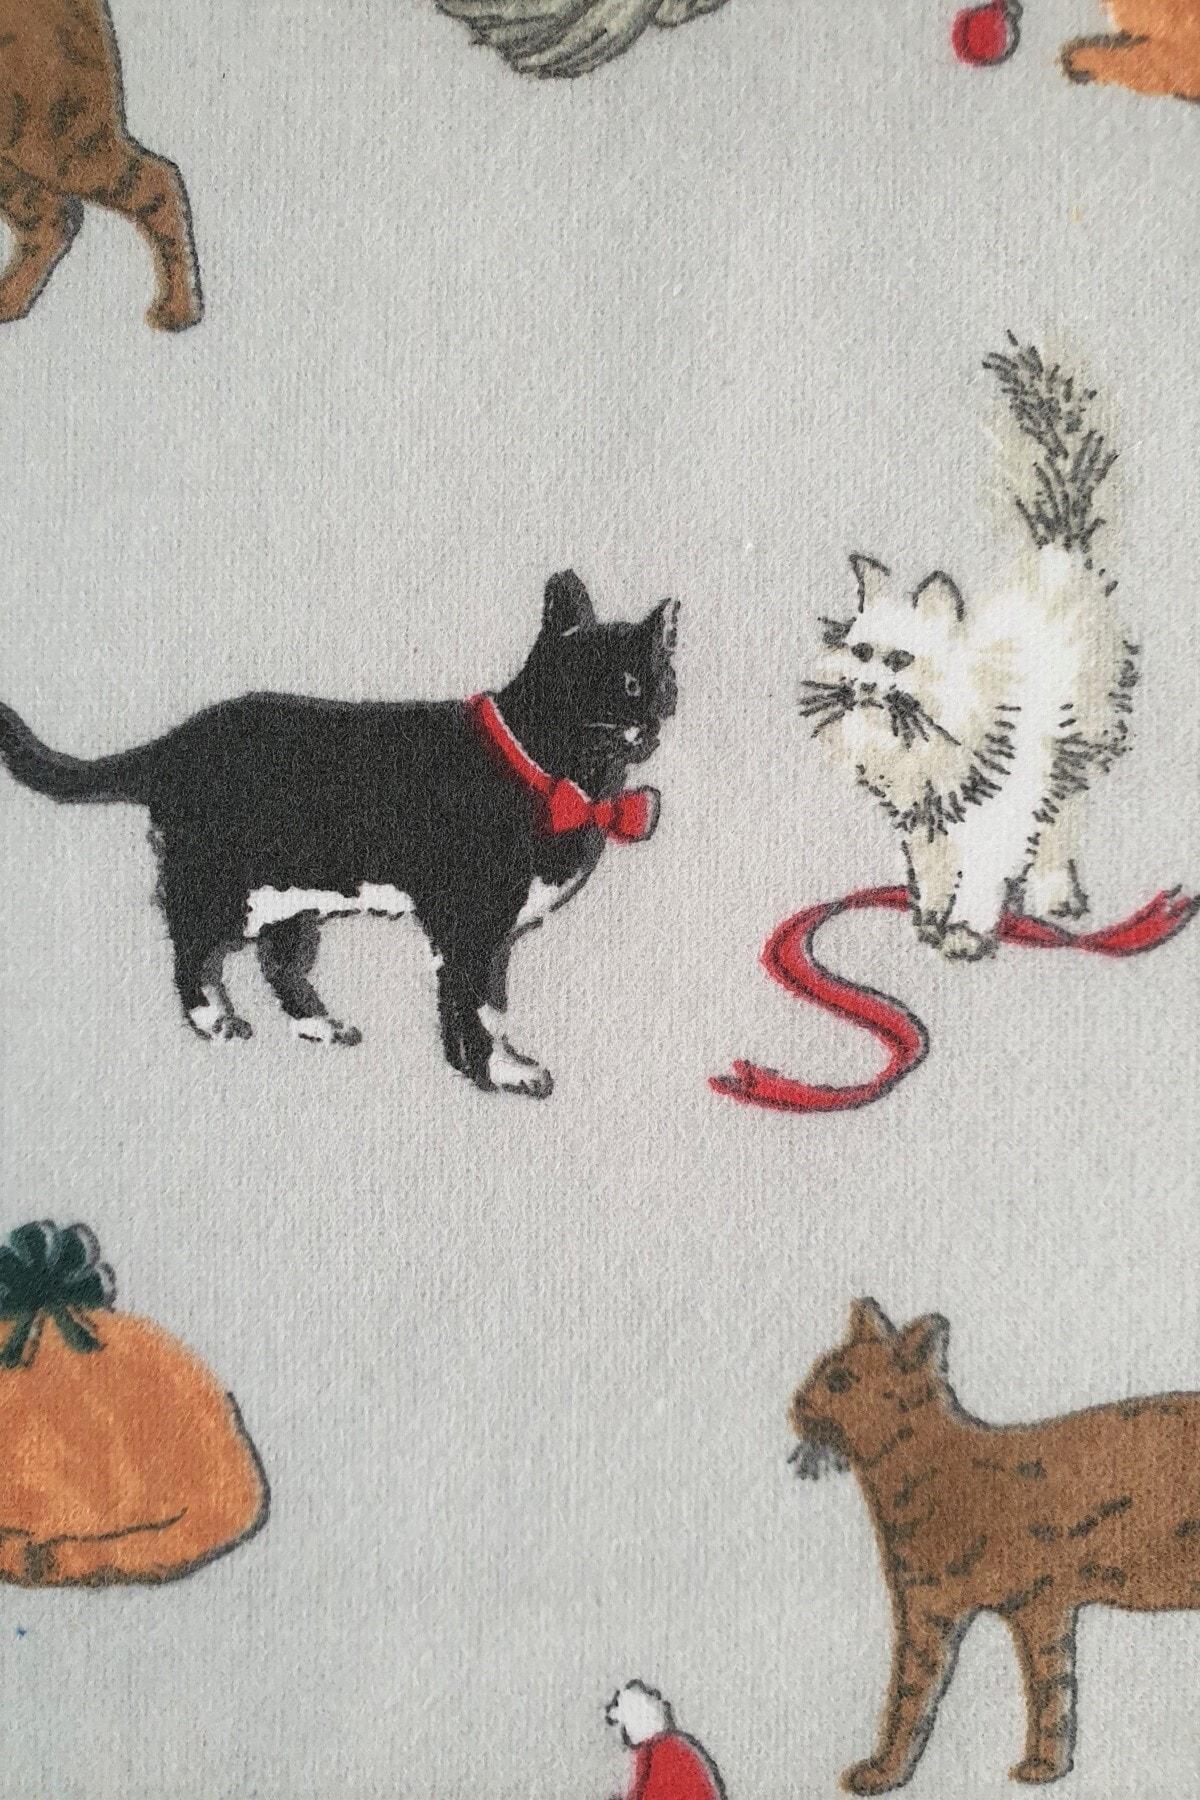 Maki Kediler Pamuk Flanel Pazen Çift Kişilik Nevresim ve 2 Yastık Kılıfı Seti  20 2